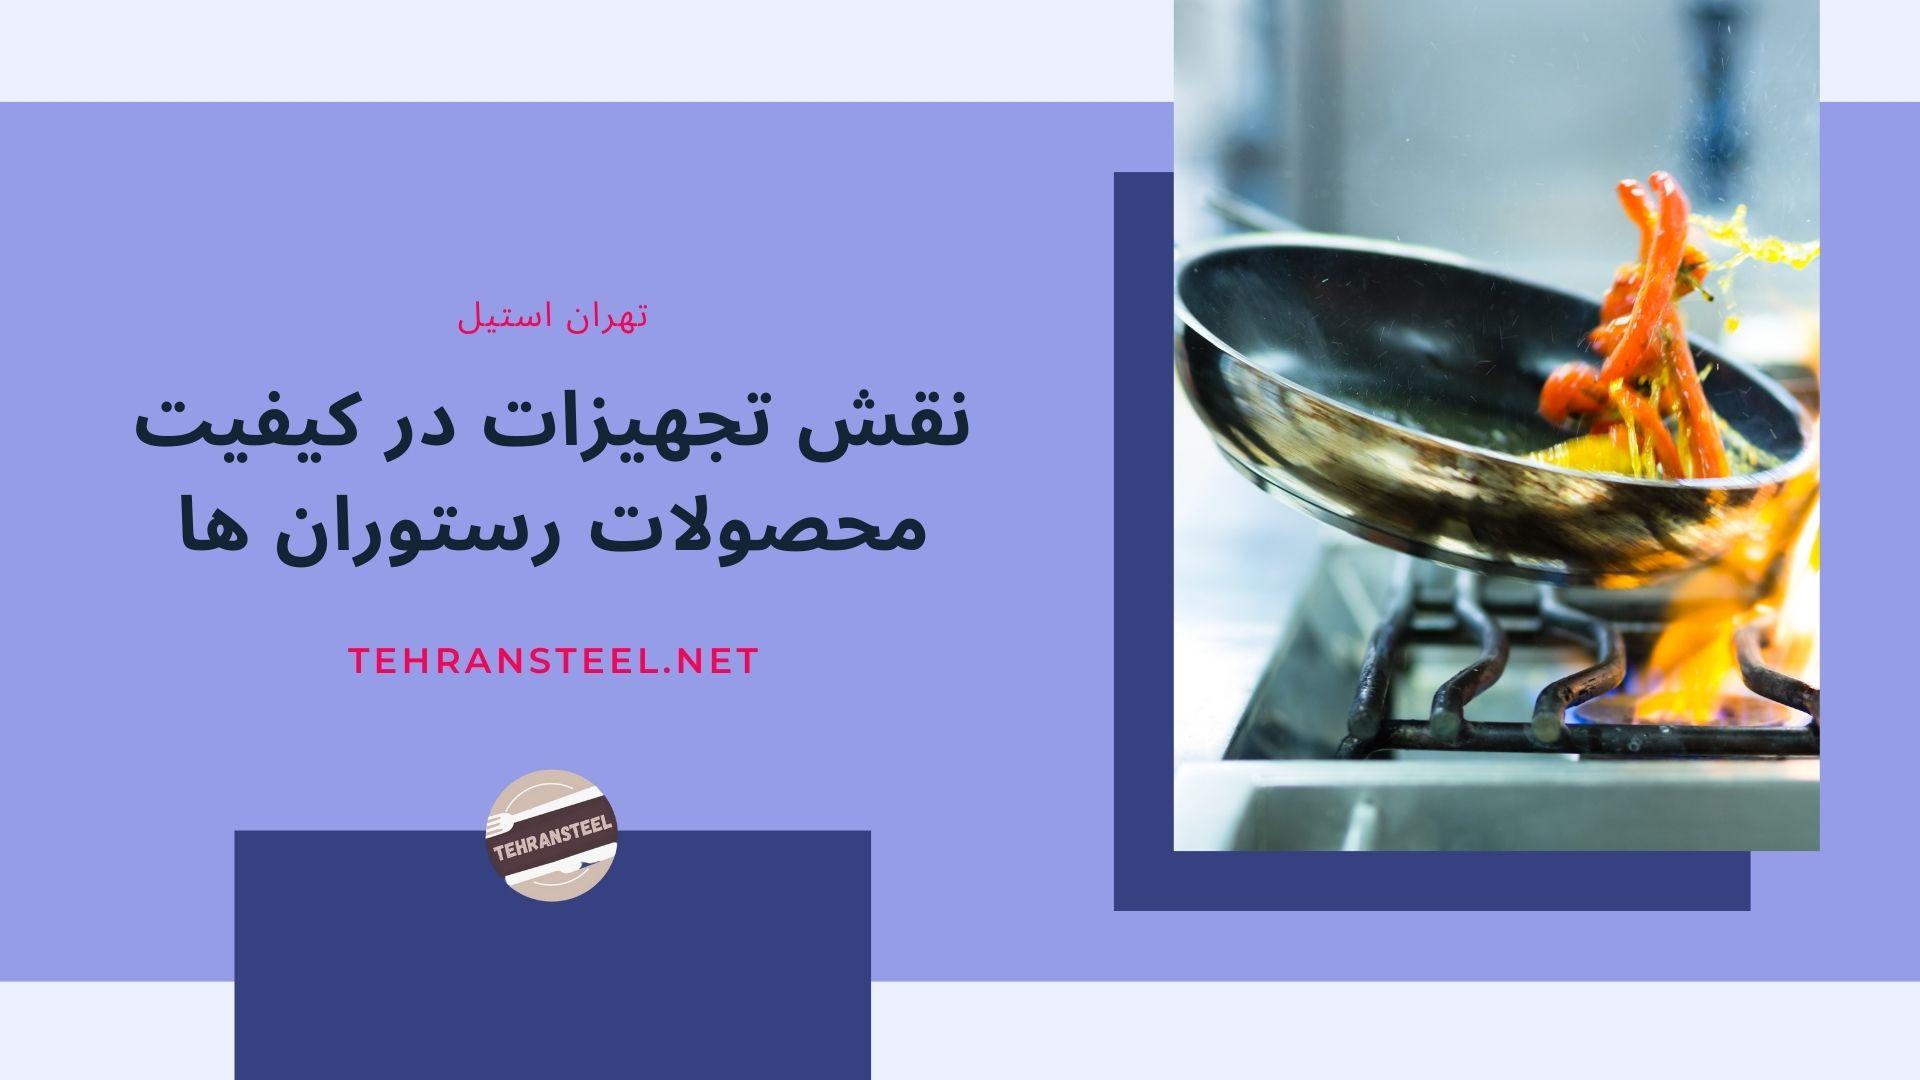 نقش تجهیزات در کیفیت محصولات رستوران ها